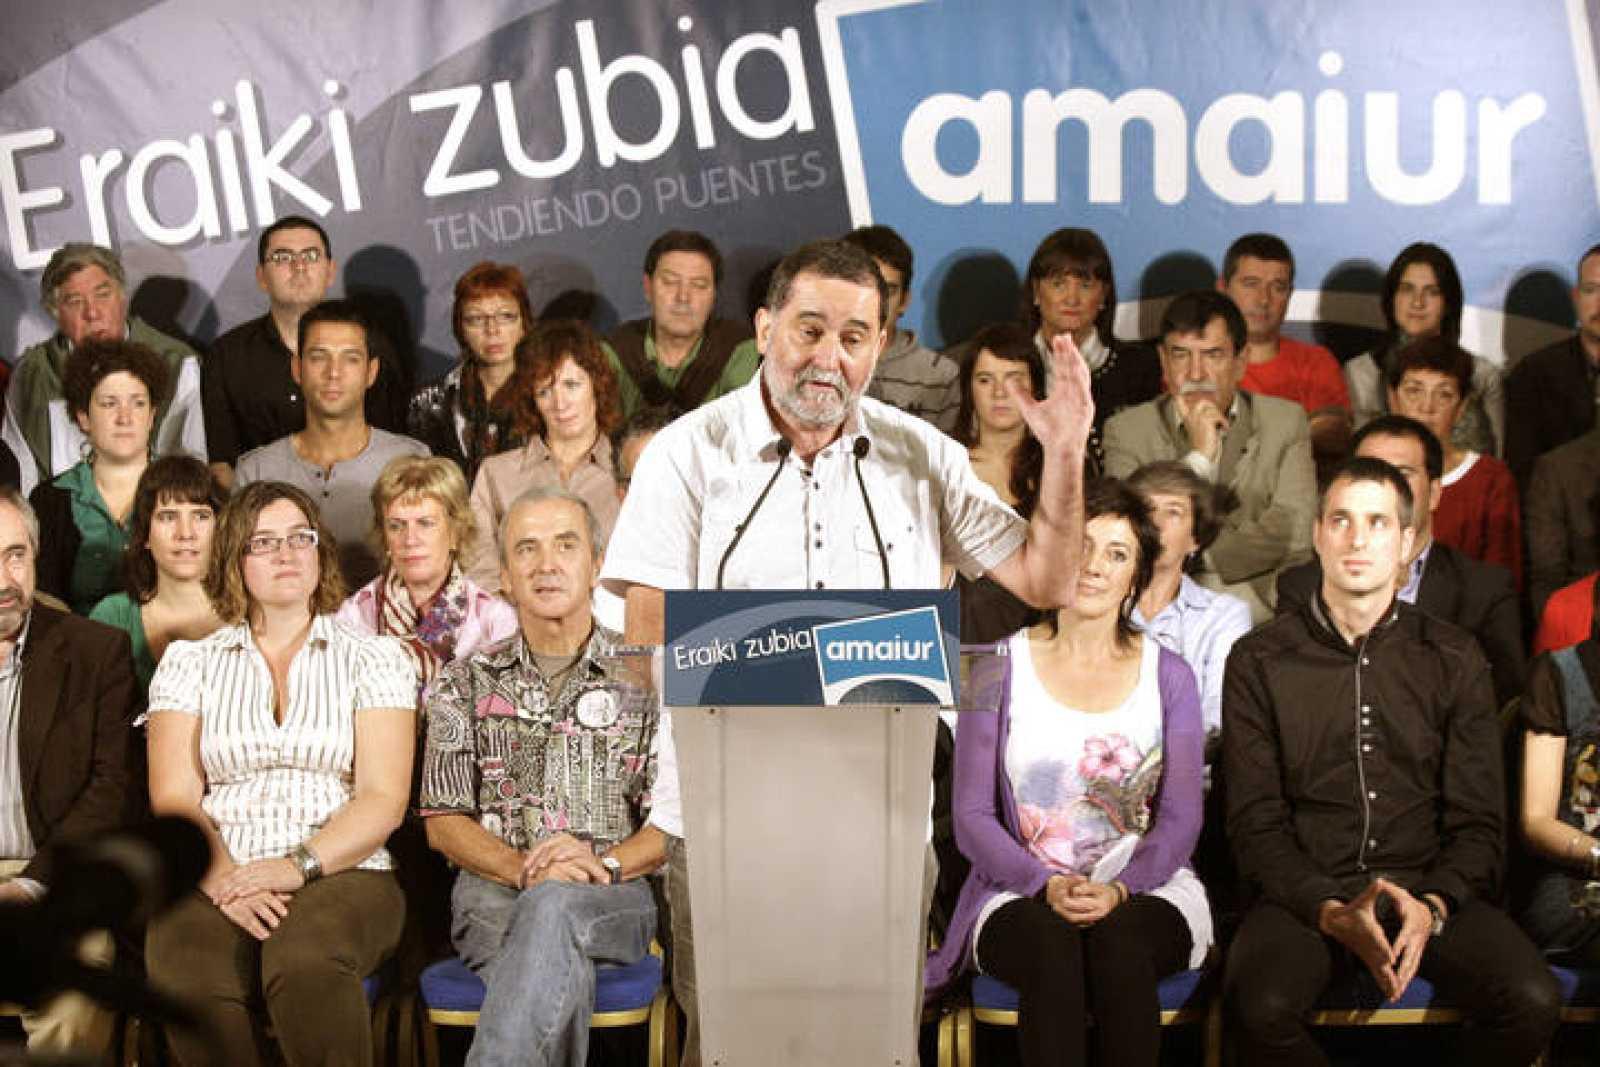 CANDIDATOS DE LA IZQUIERDA ABERTZALE LIDERAN LAS LISTAS DE AMAIUR AL CONGRESO